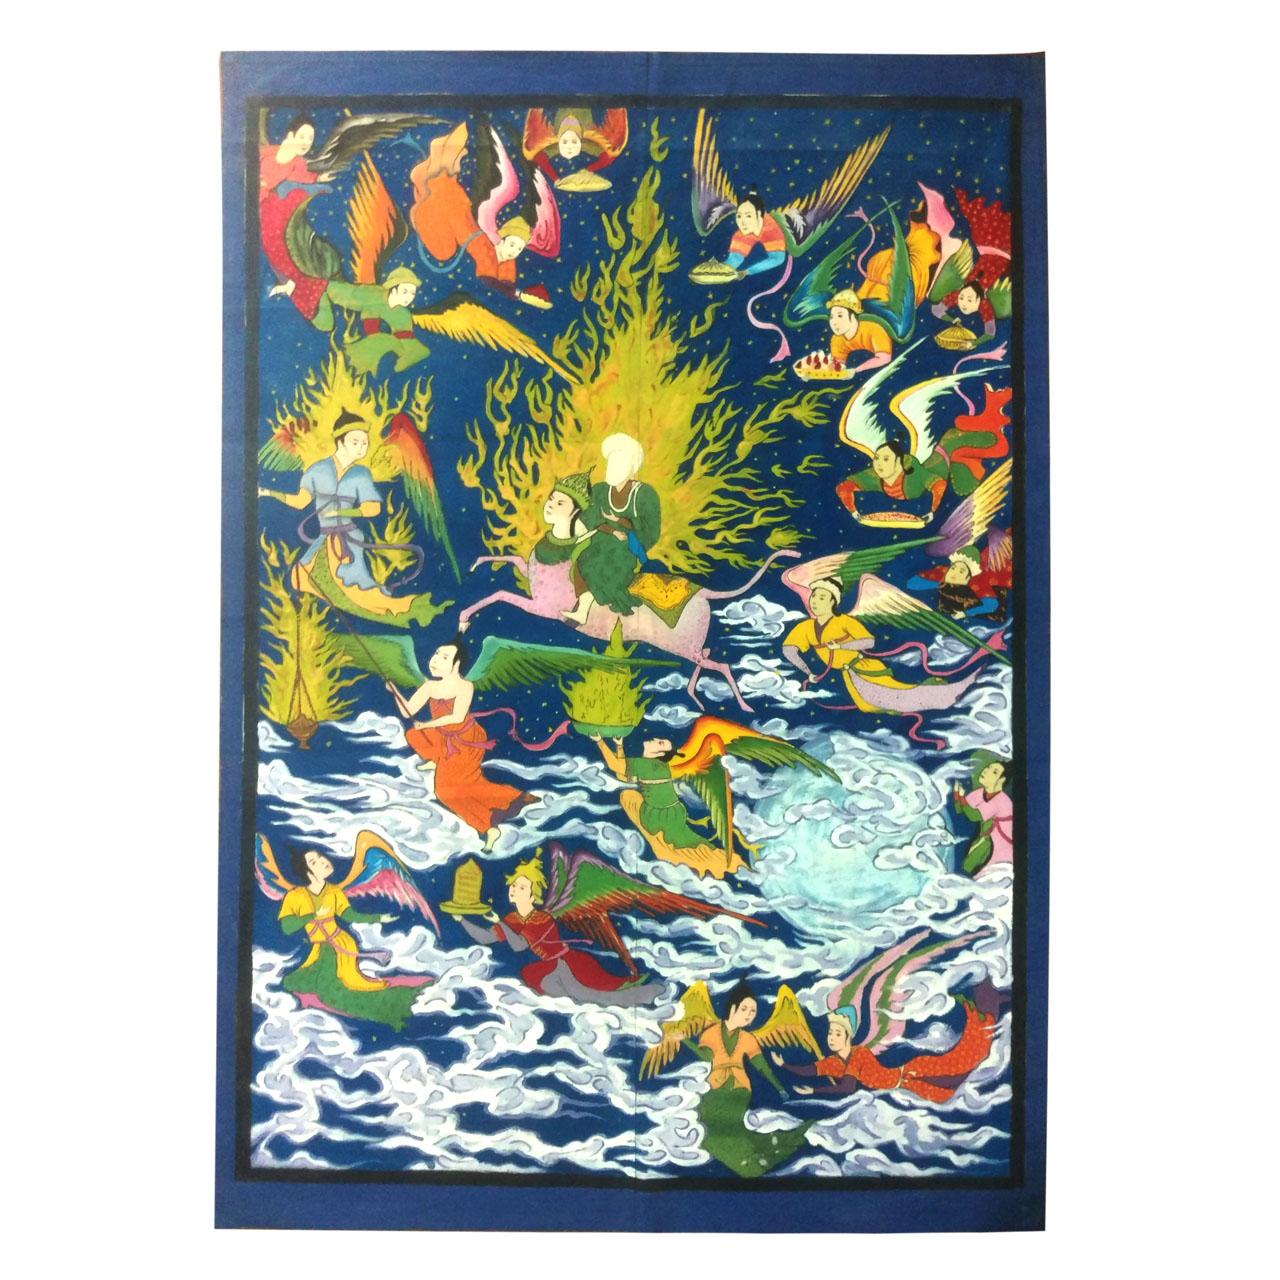 پرده نقاشی لوح هنر مدل معراج پیامبر کد 849